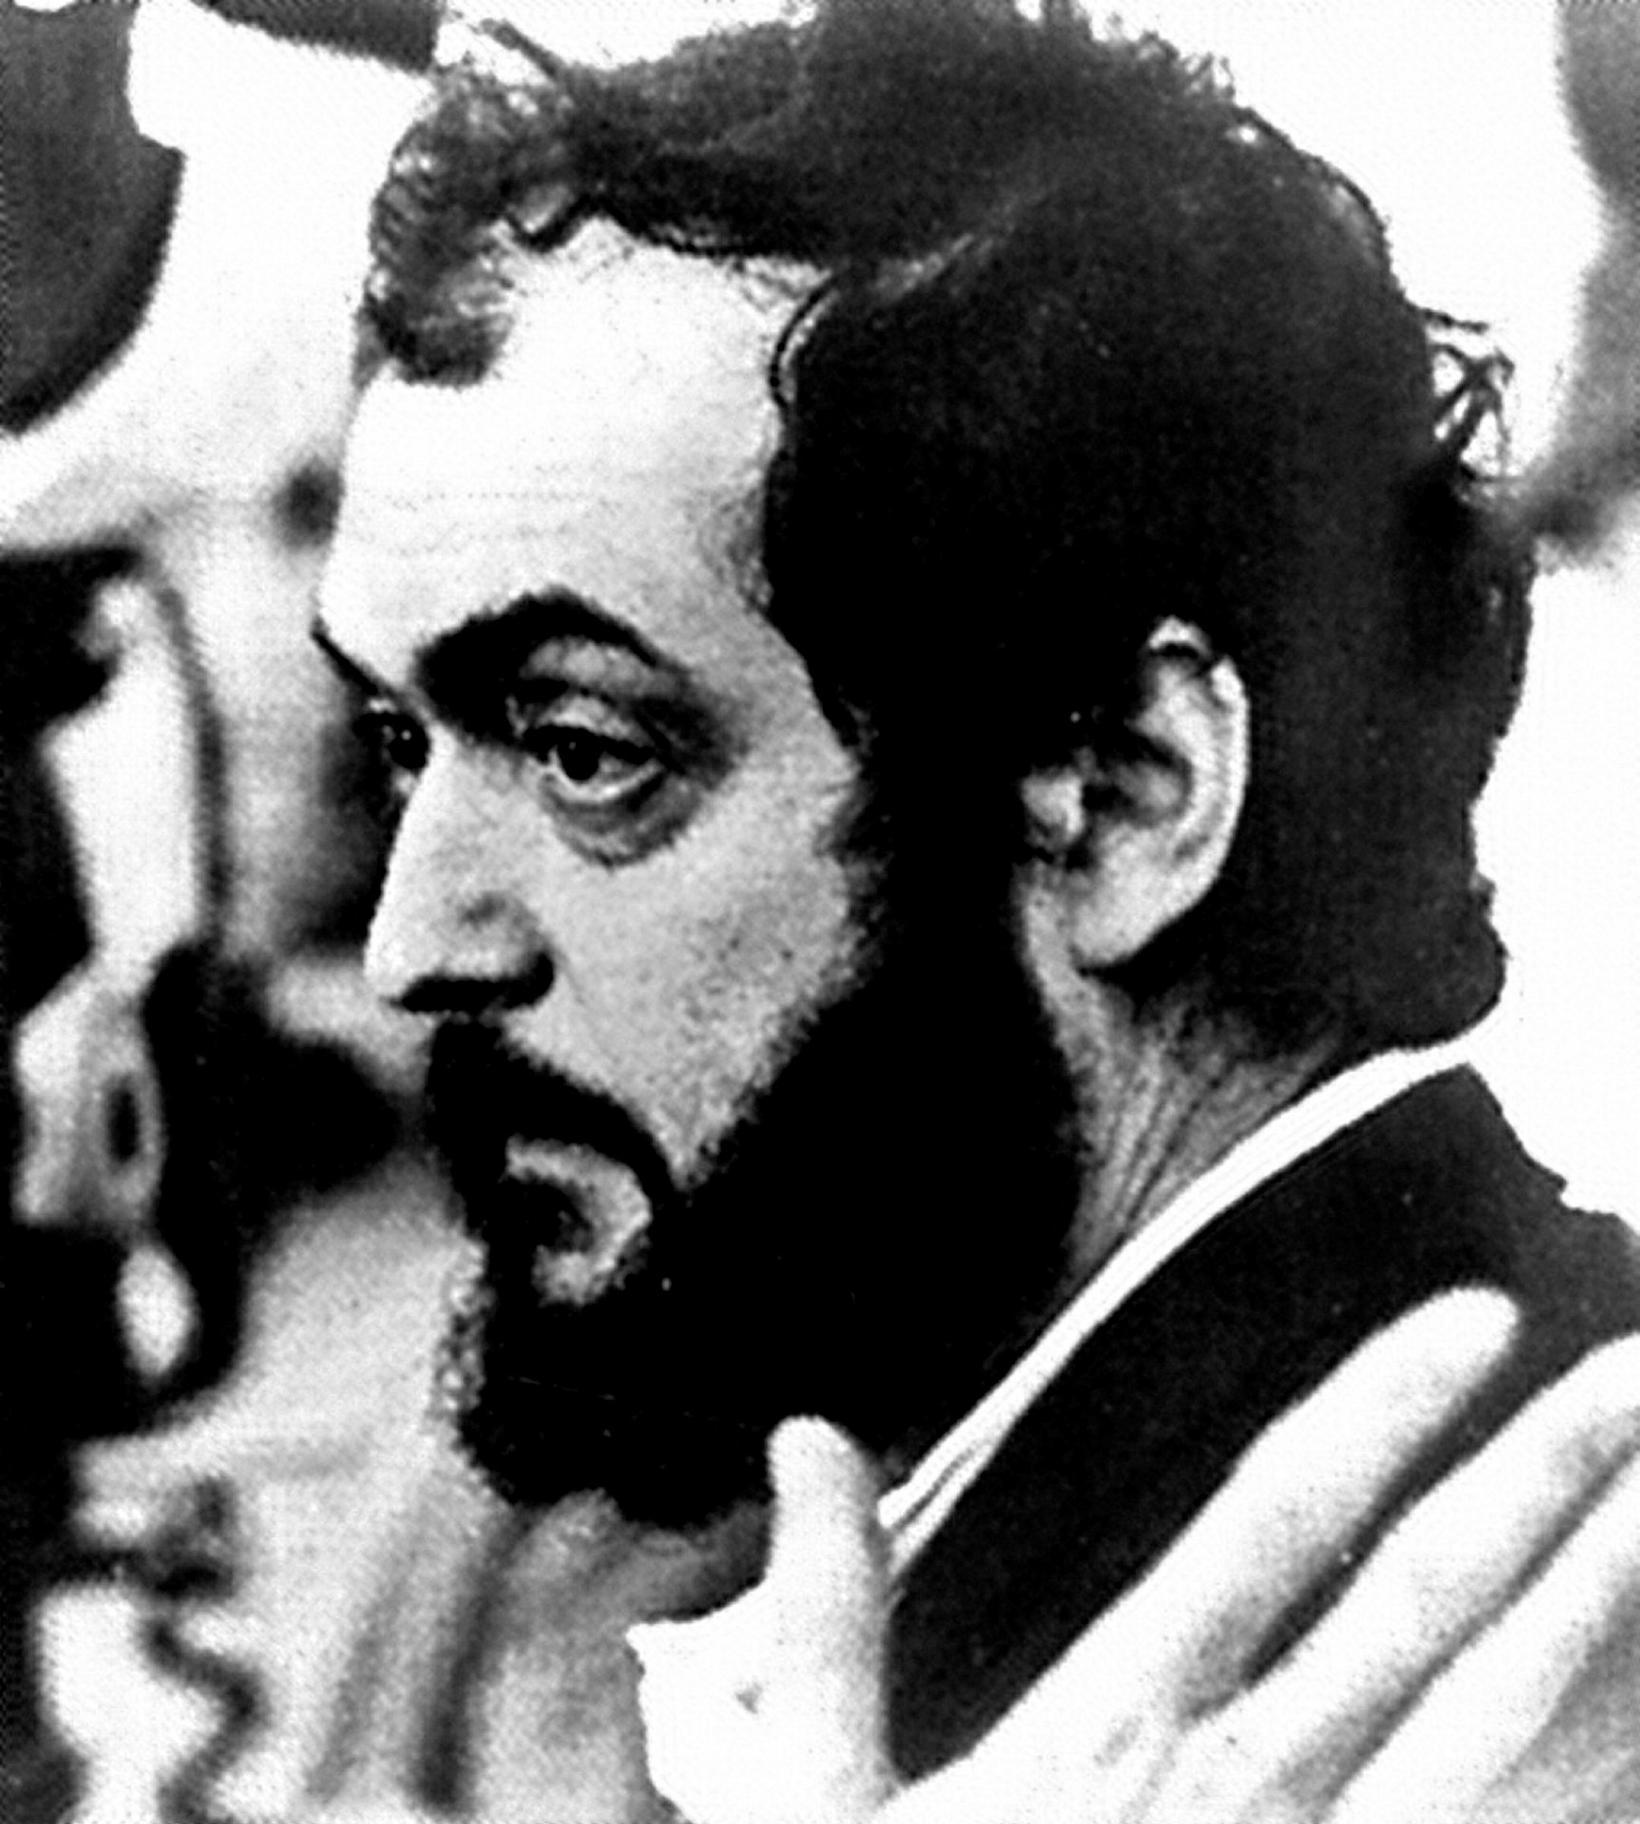 Stanley Kubrick er einn áhrifamesti kvikmyndaleikstjóri sögunnar.